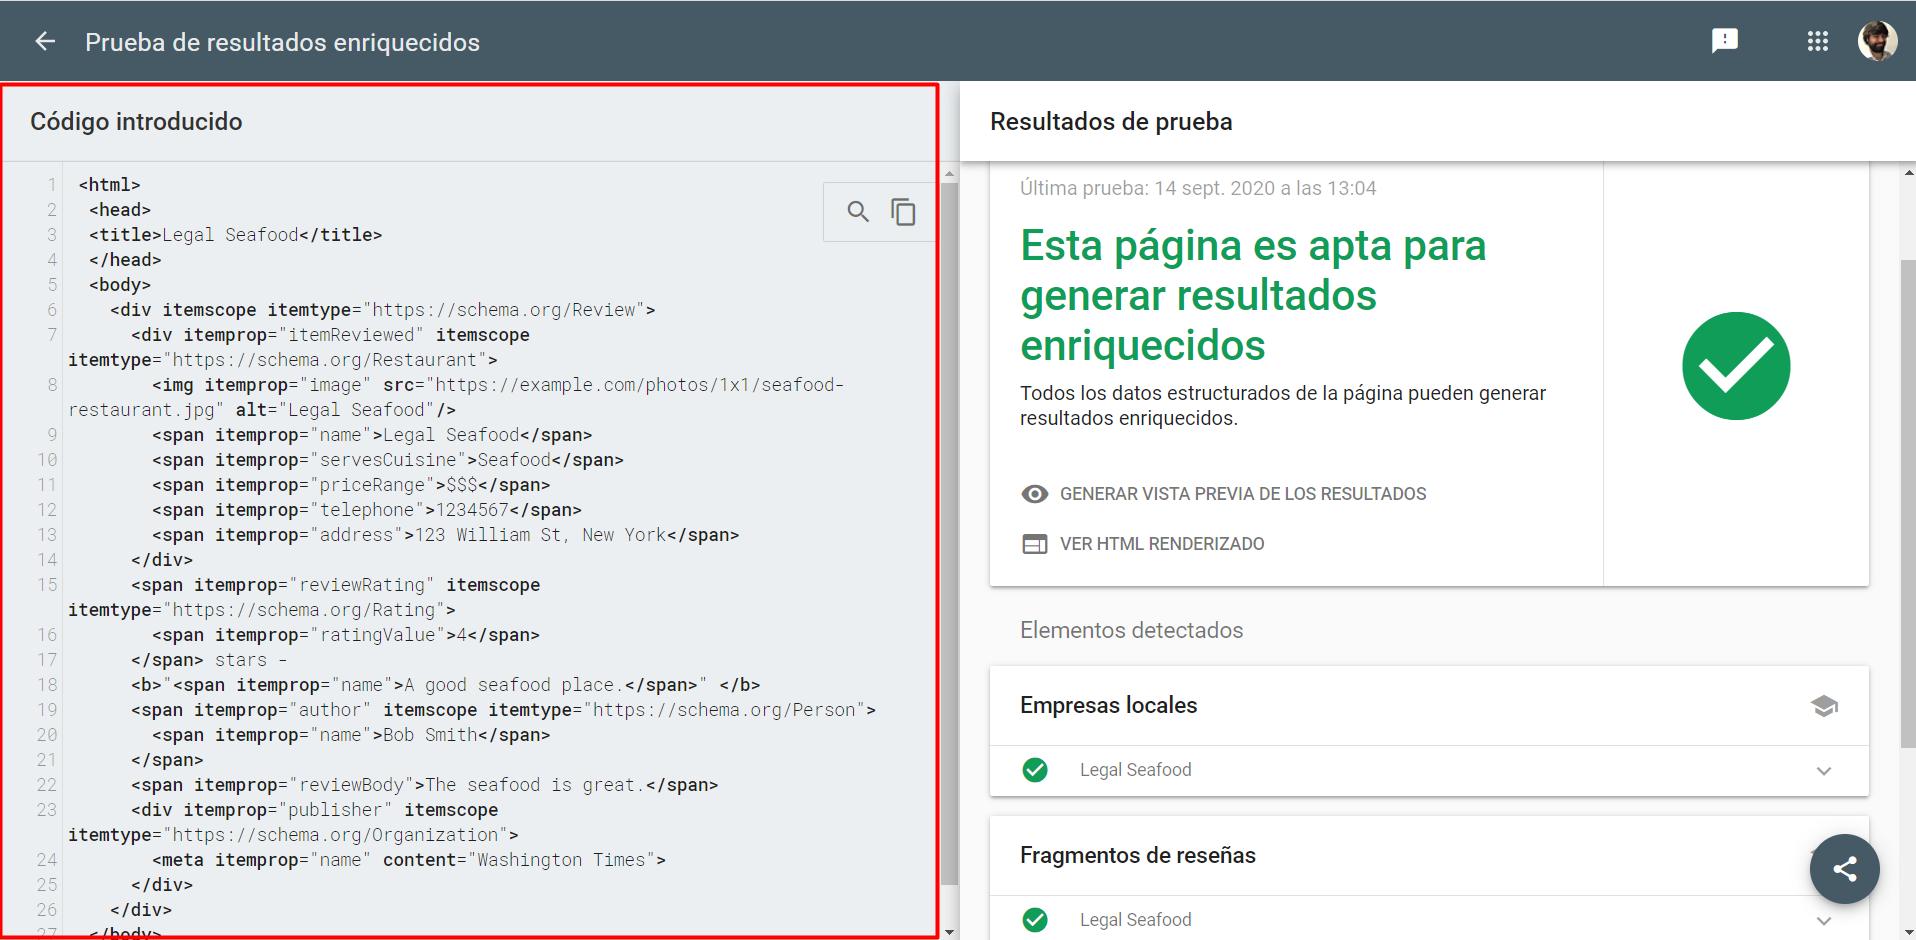 Microformatos en probador de datos estructurados de Google.